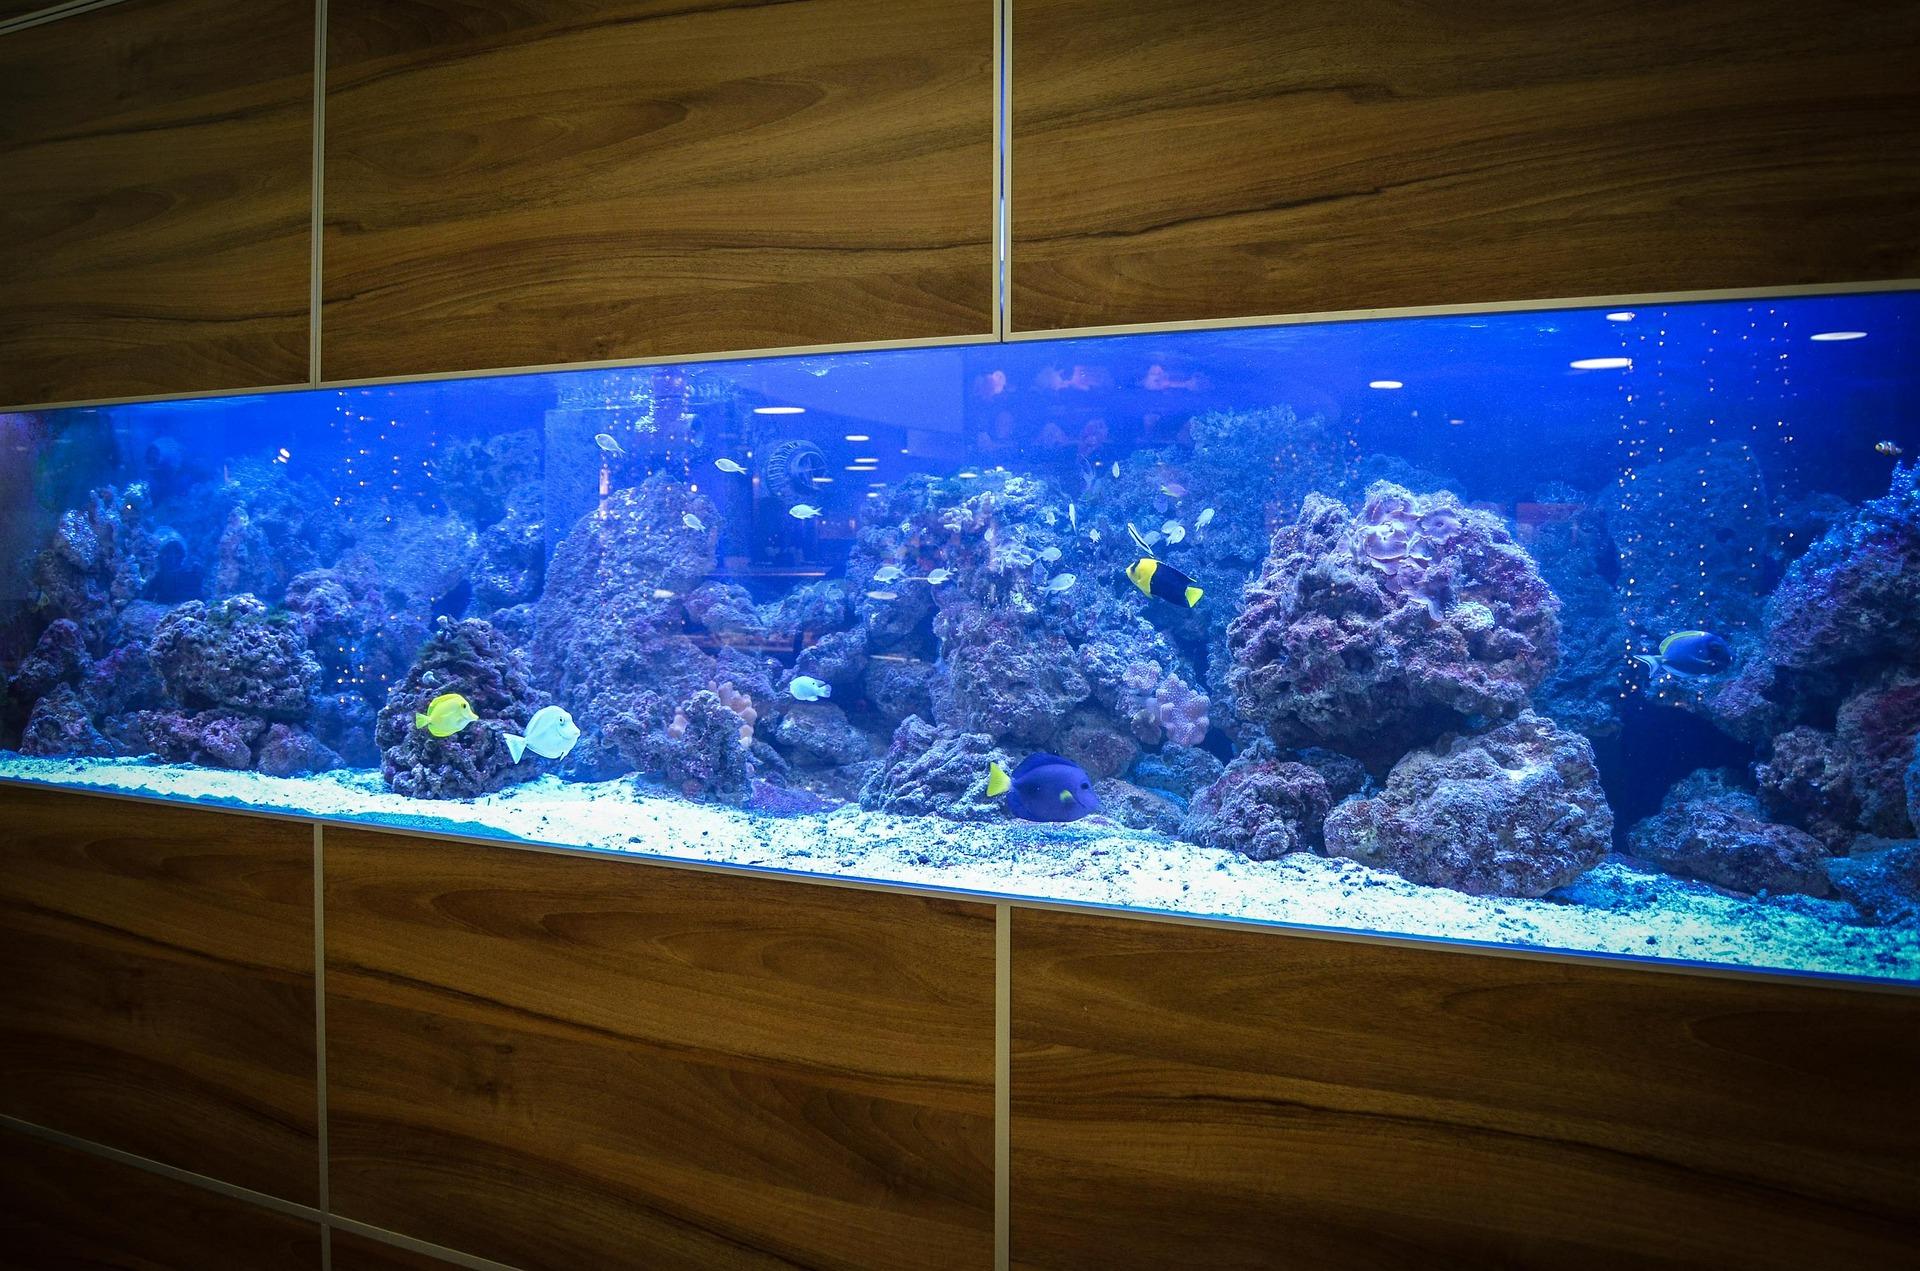 Indbygget akvarie